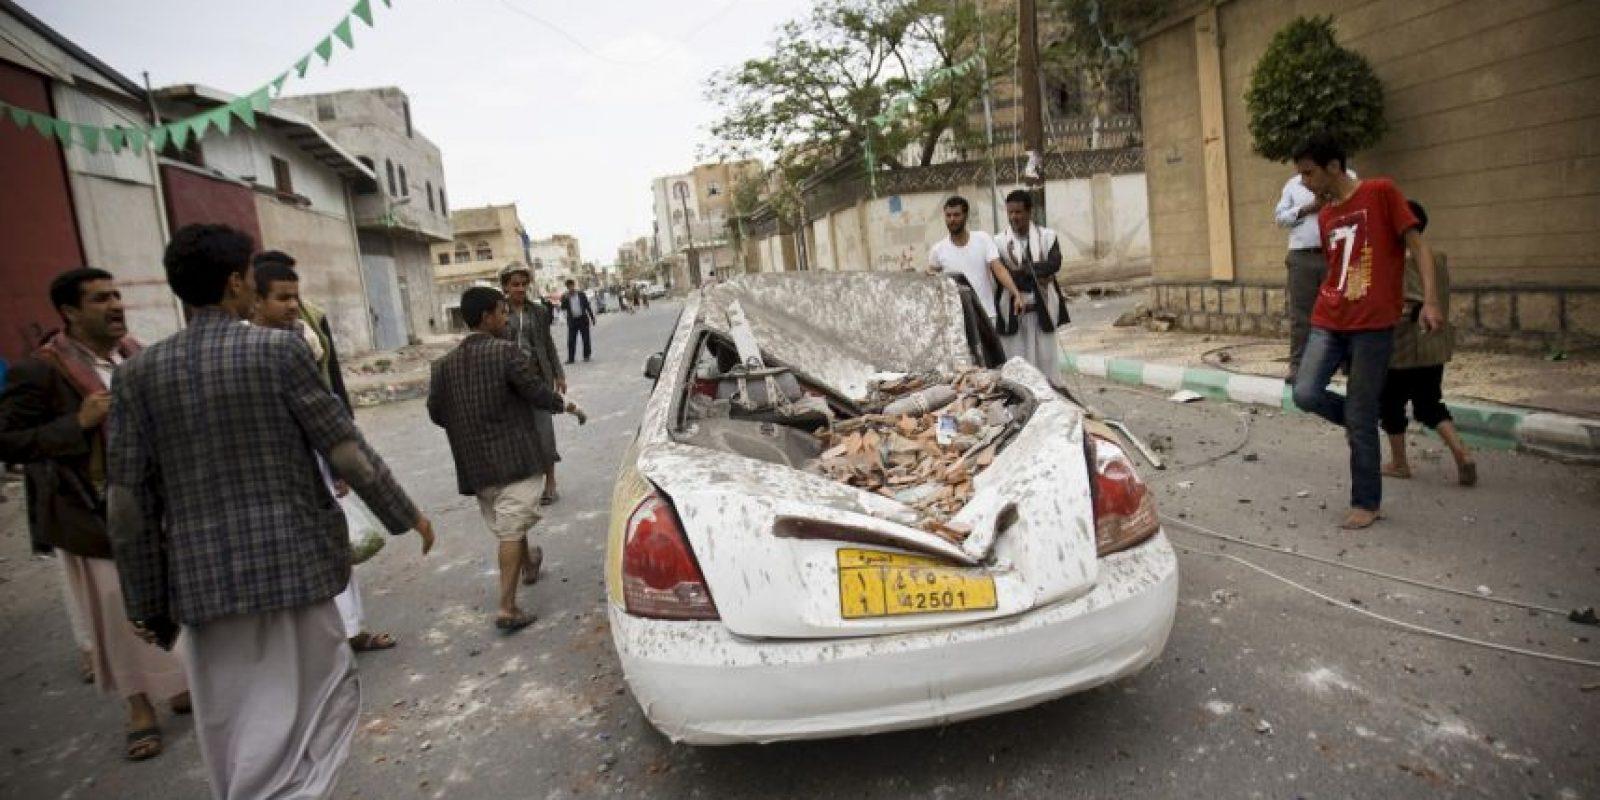 El presidente iraní ha rechazado apoyar a quienes quieren derrocar el gobierno de Mansour Hadi Foto:AP